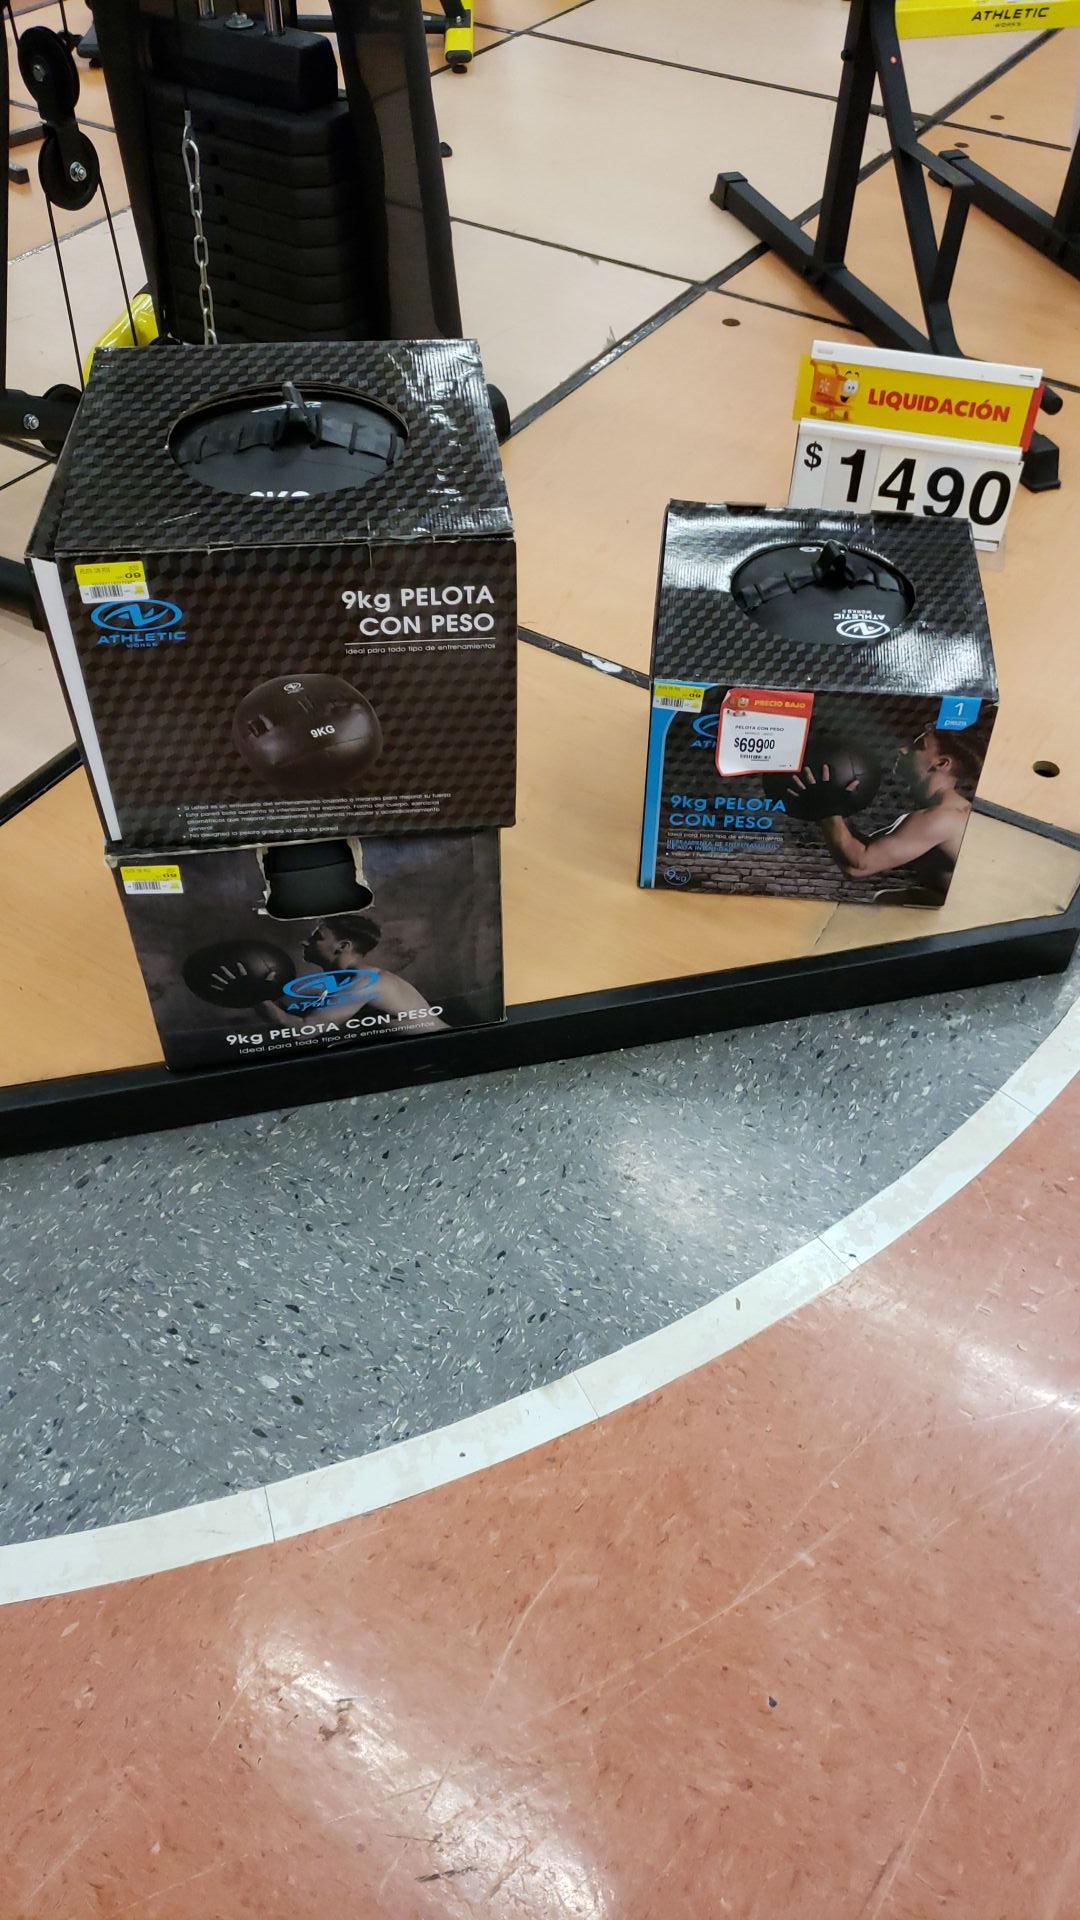 Walmart: Pelota con peso 9kg y más